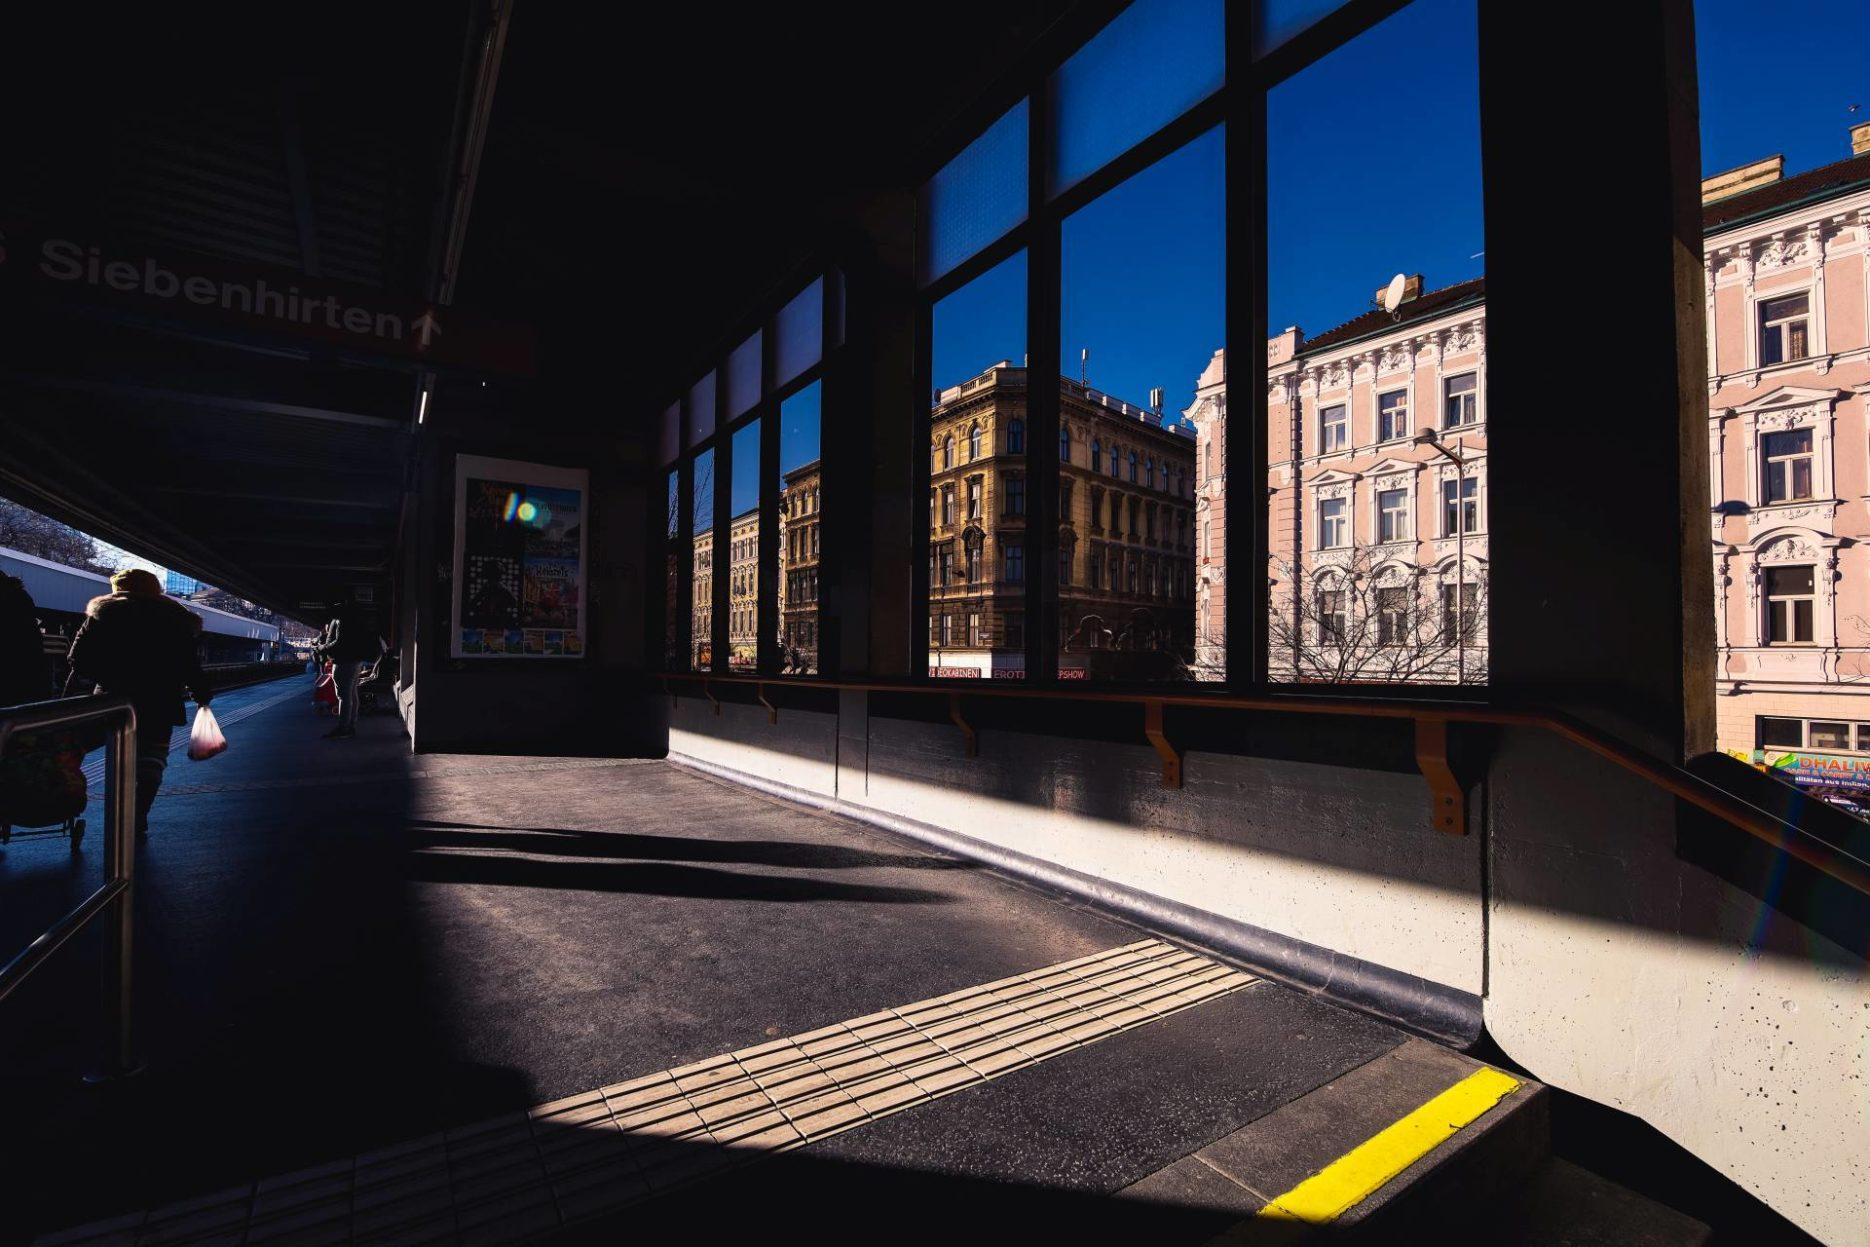 Bilder aufgenommen in Wien während meines ersten Testlaufes mit einen Ultra Weitwinkel Objektiv in der Streetfotografie.